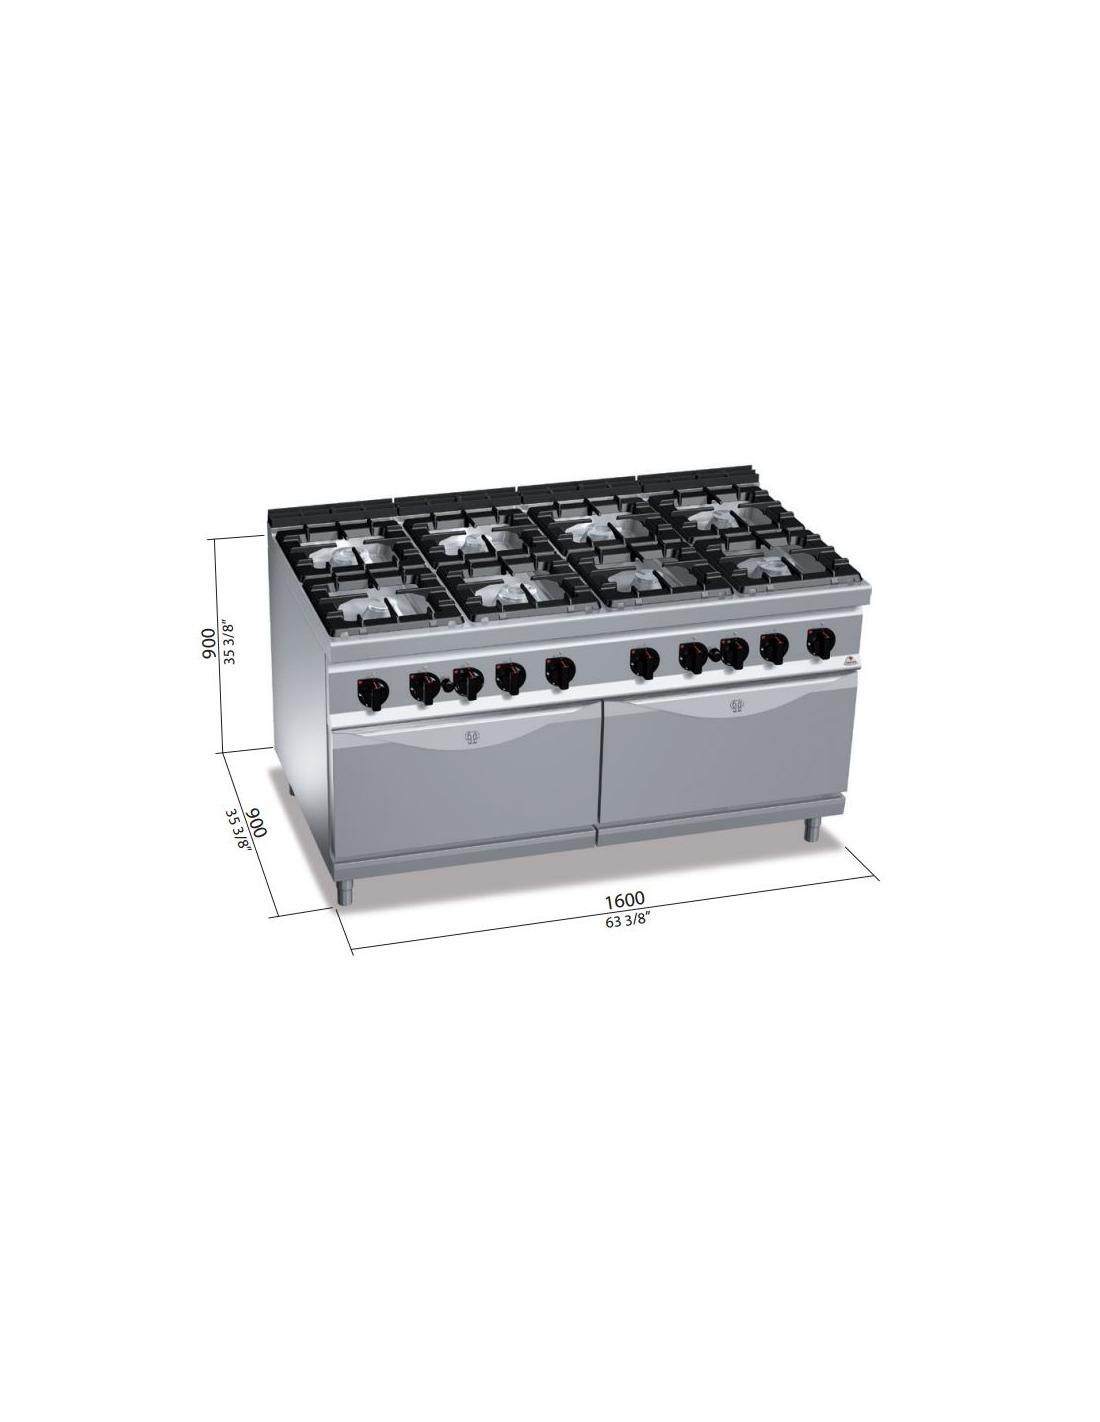 Cocina industrial a gas 8 fuegos con 2 horno for Cocinas 5 fuegos gas